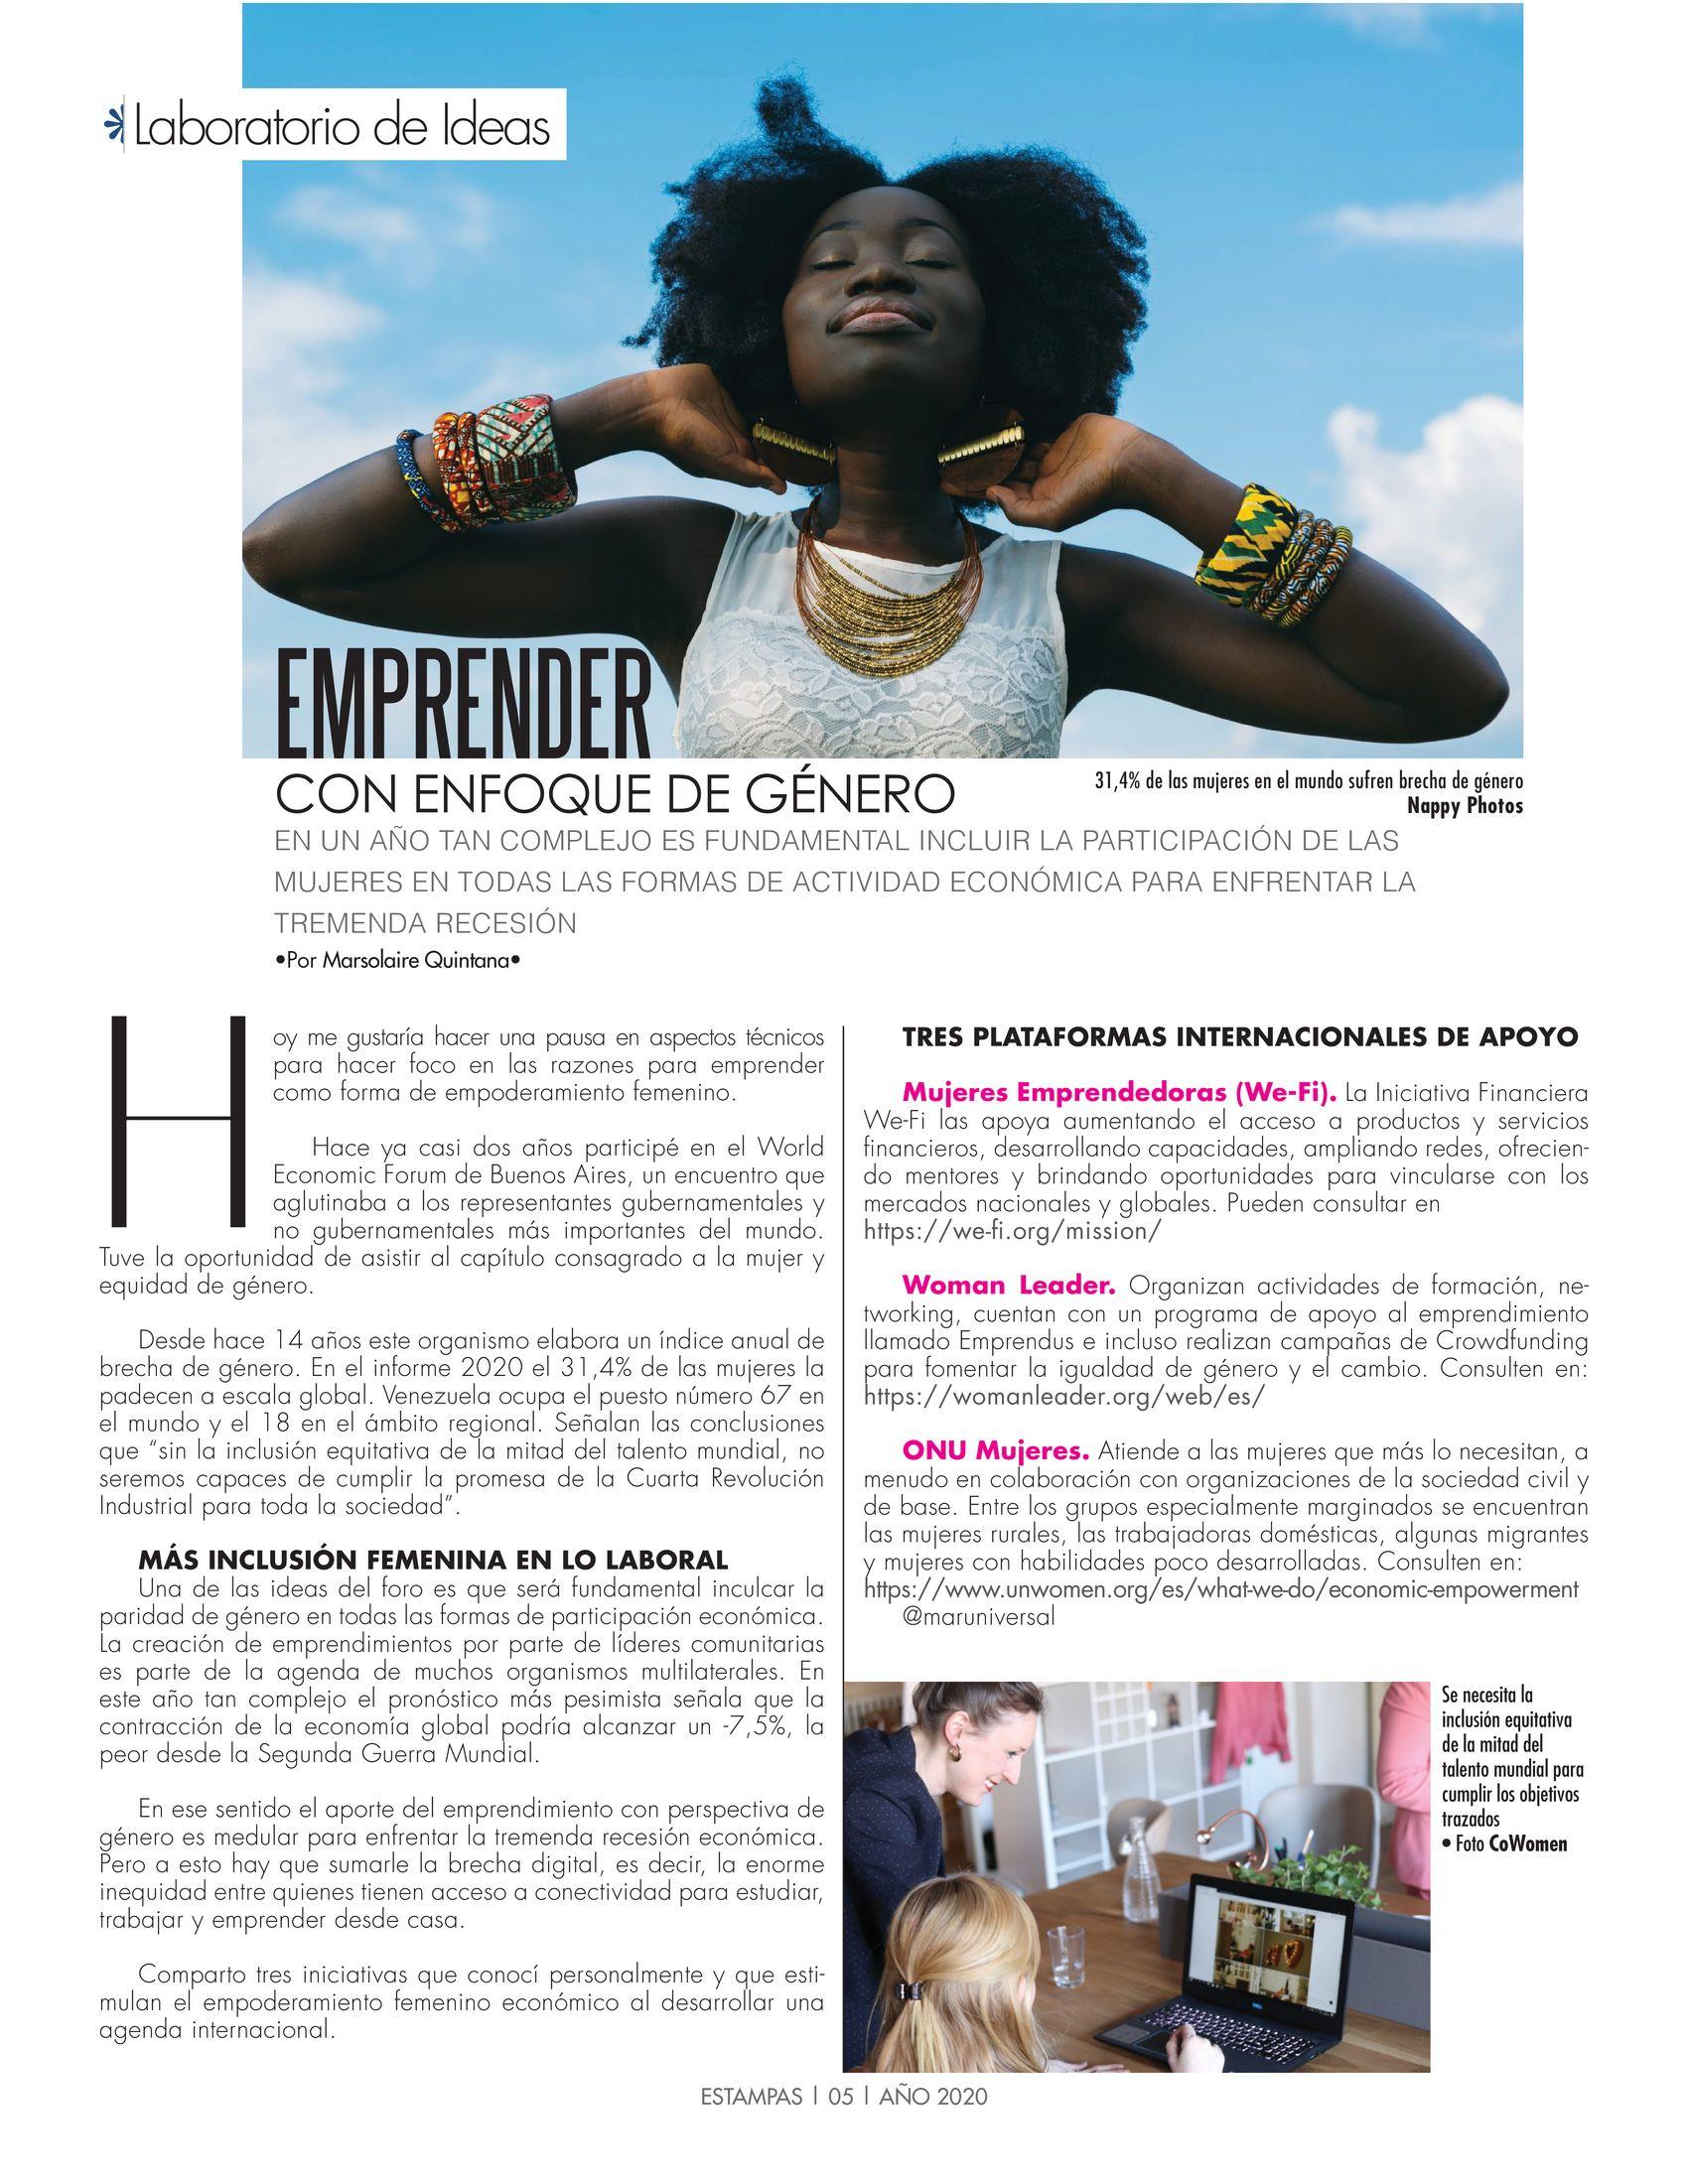 5-REV Laboratorio de Ideas: Emprender con enfoque de género